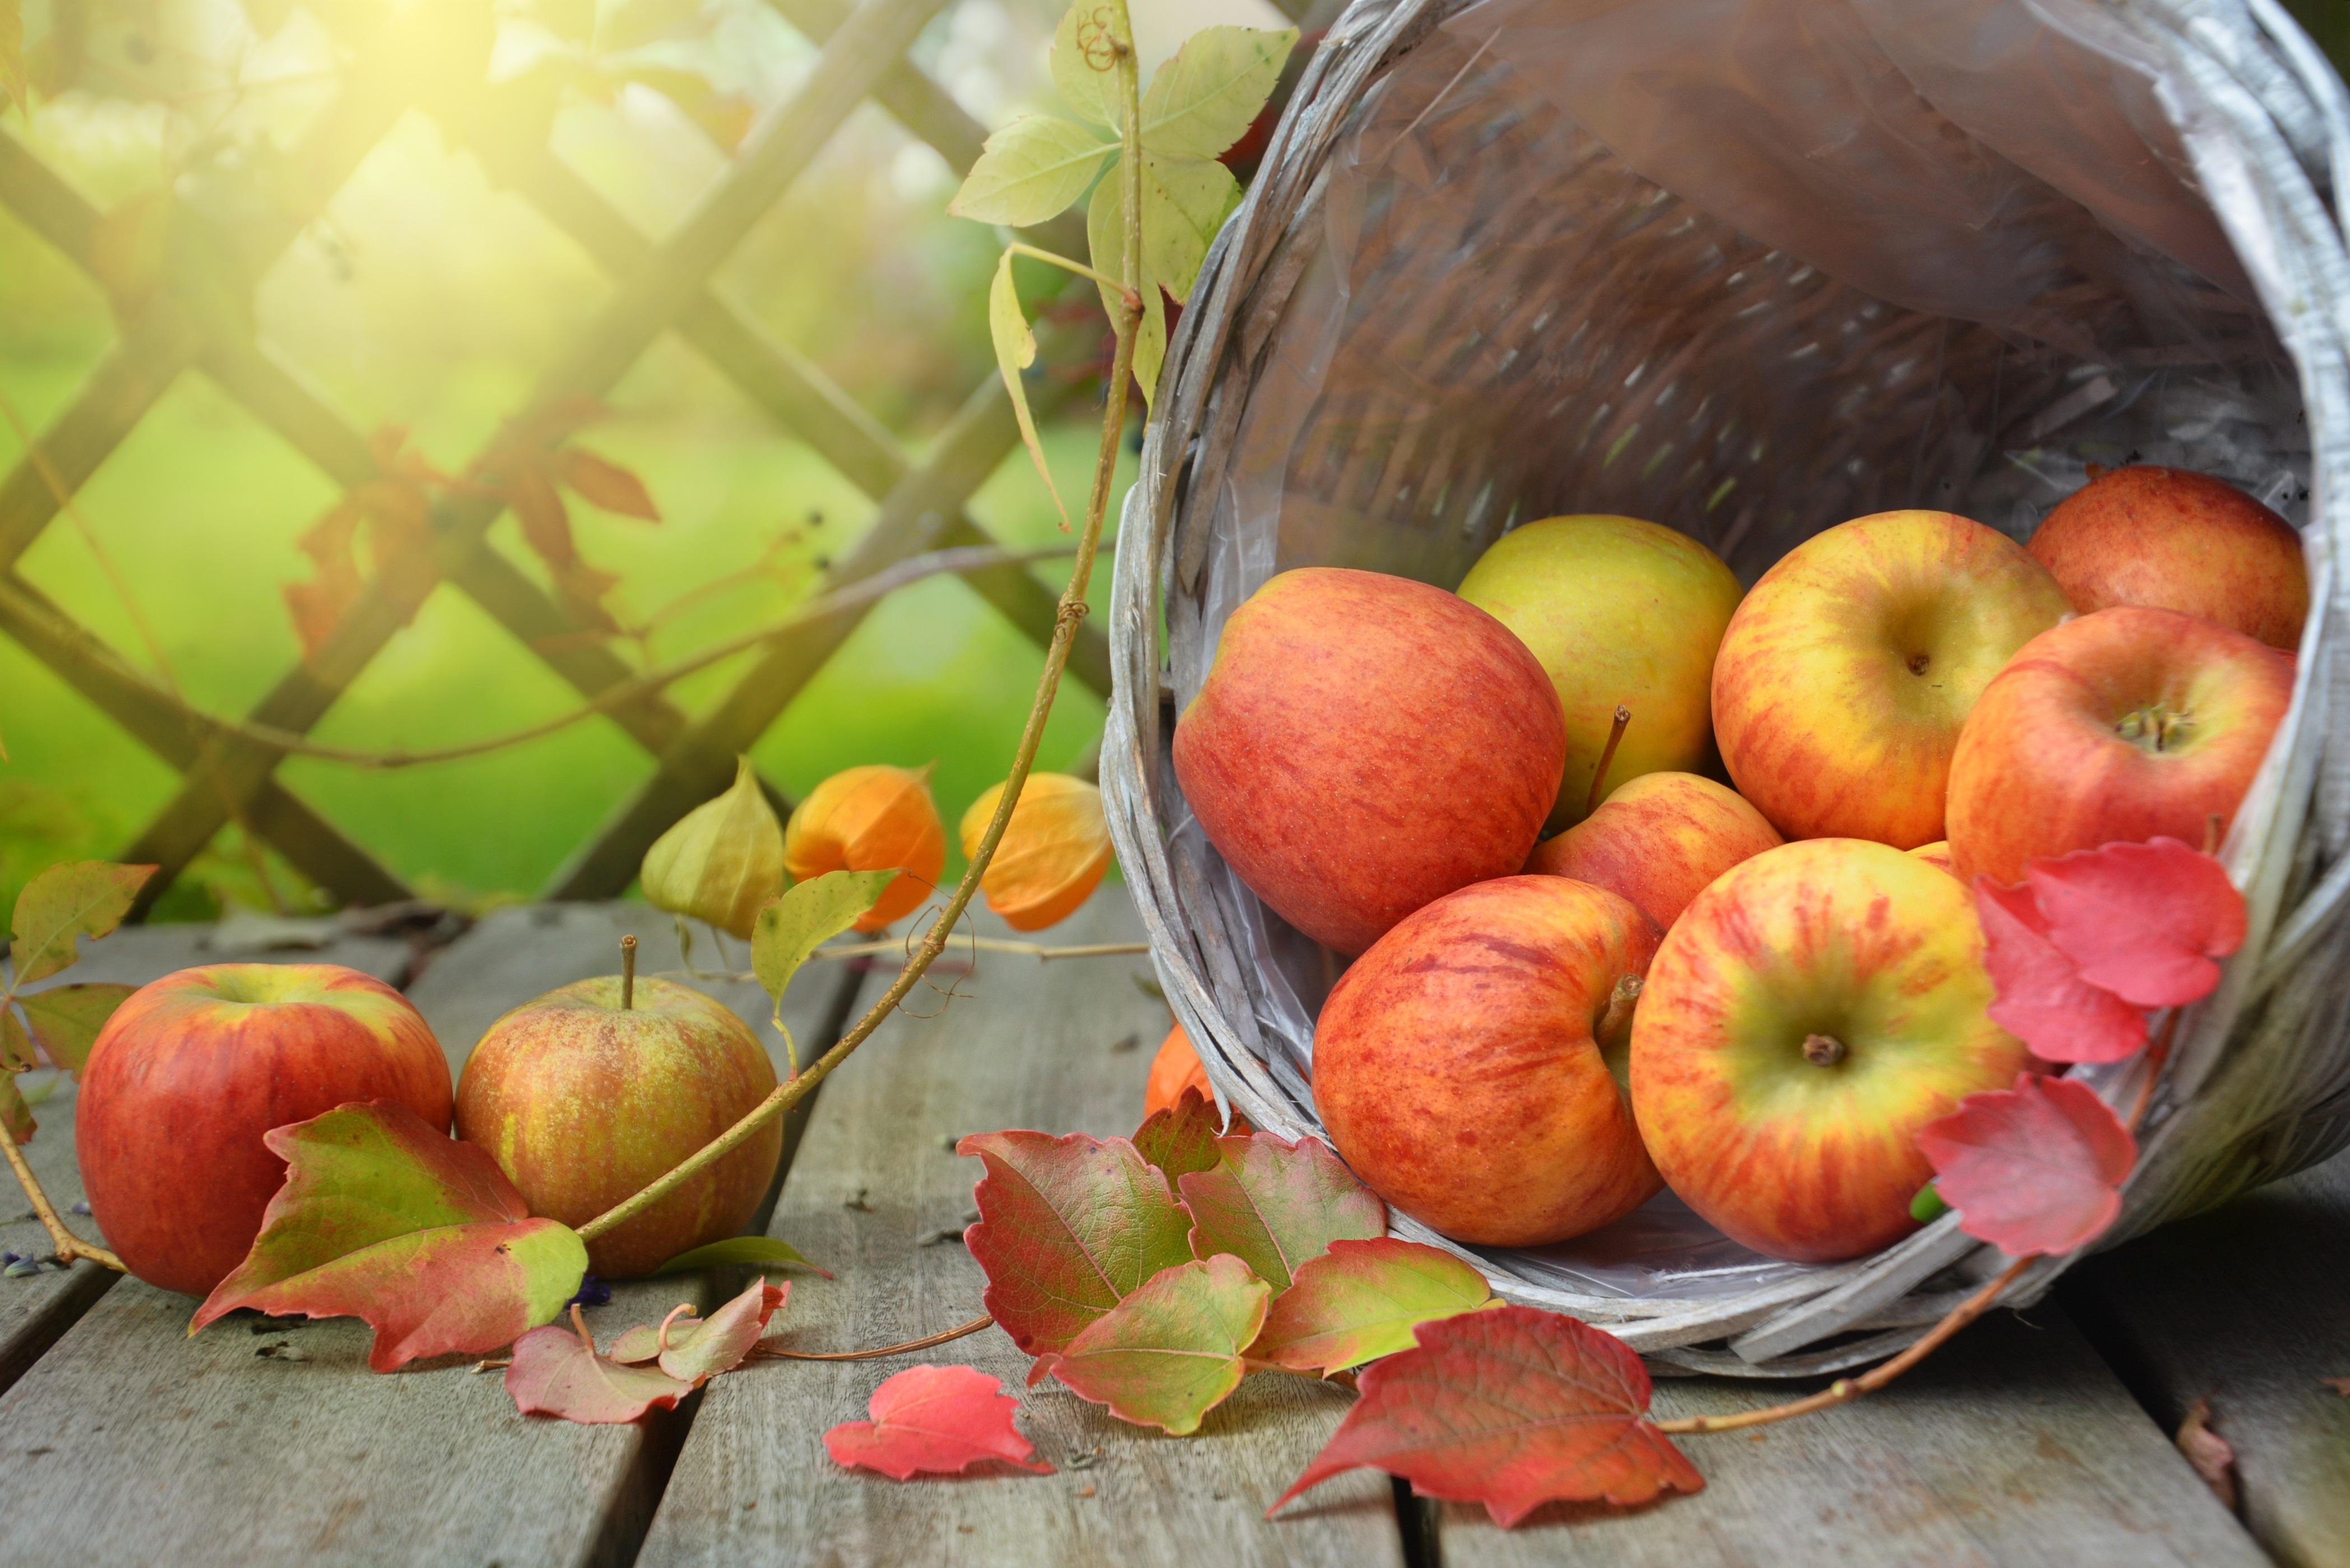 картинка на рабочий стол осень фрукты предоставляется